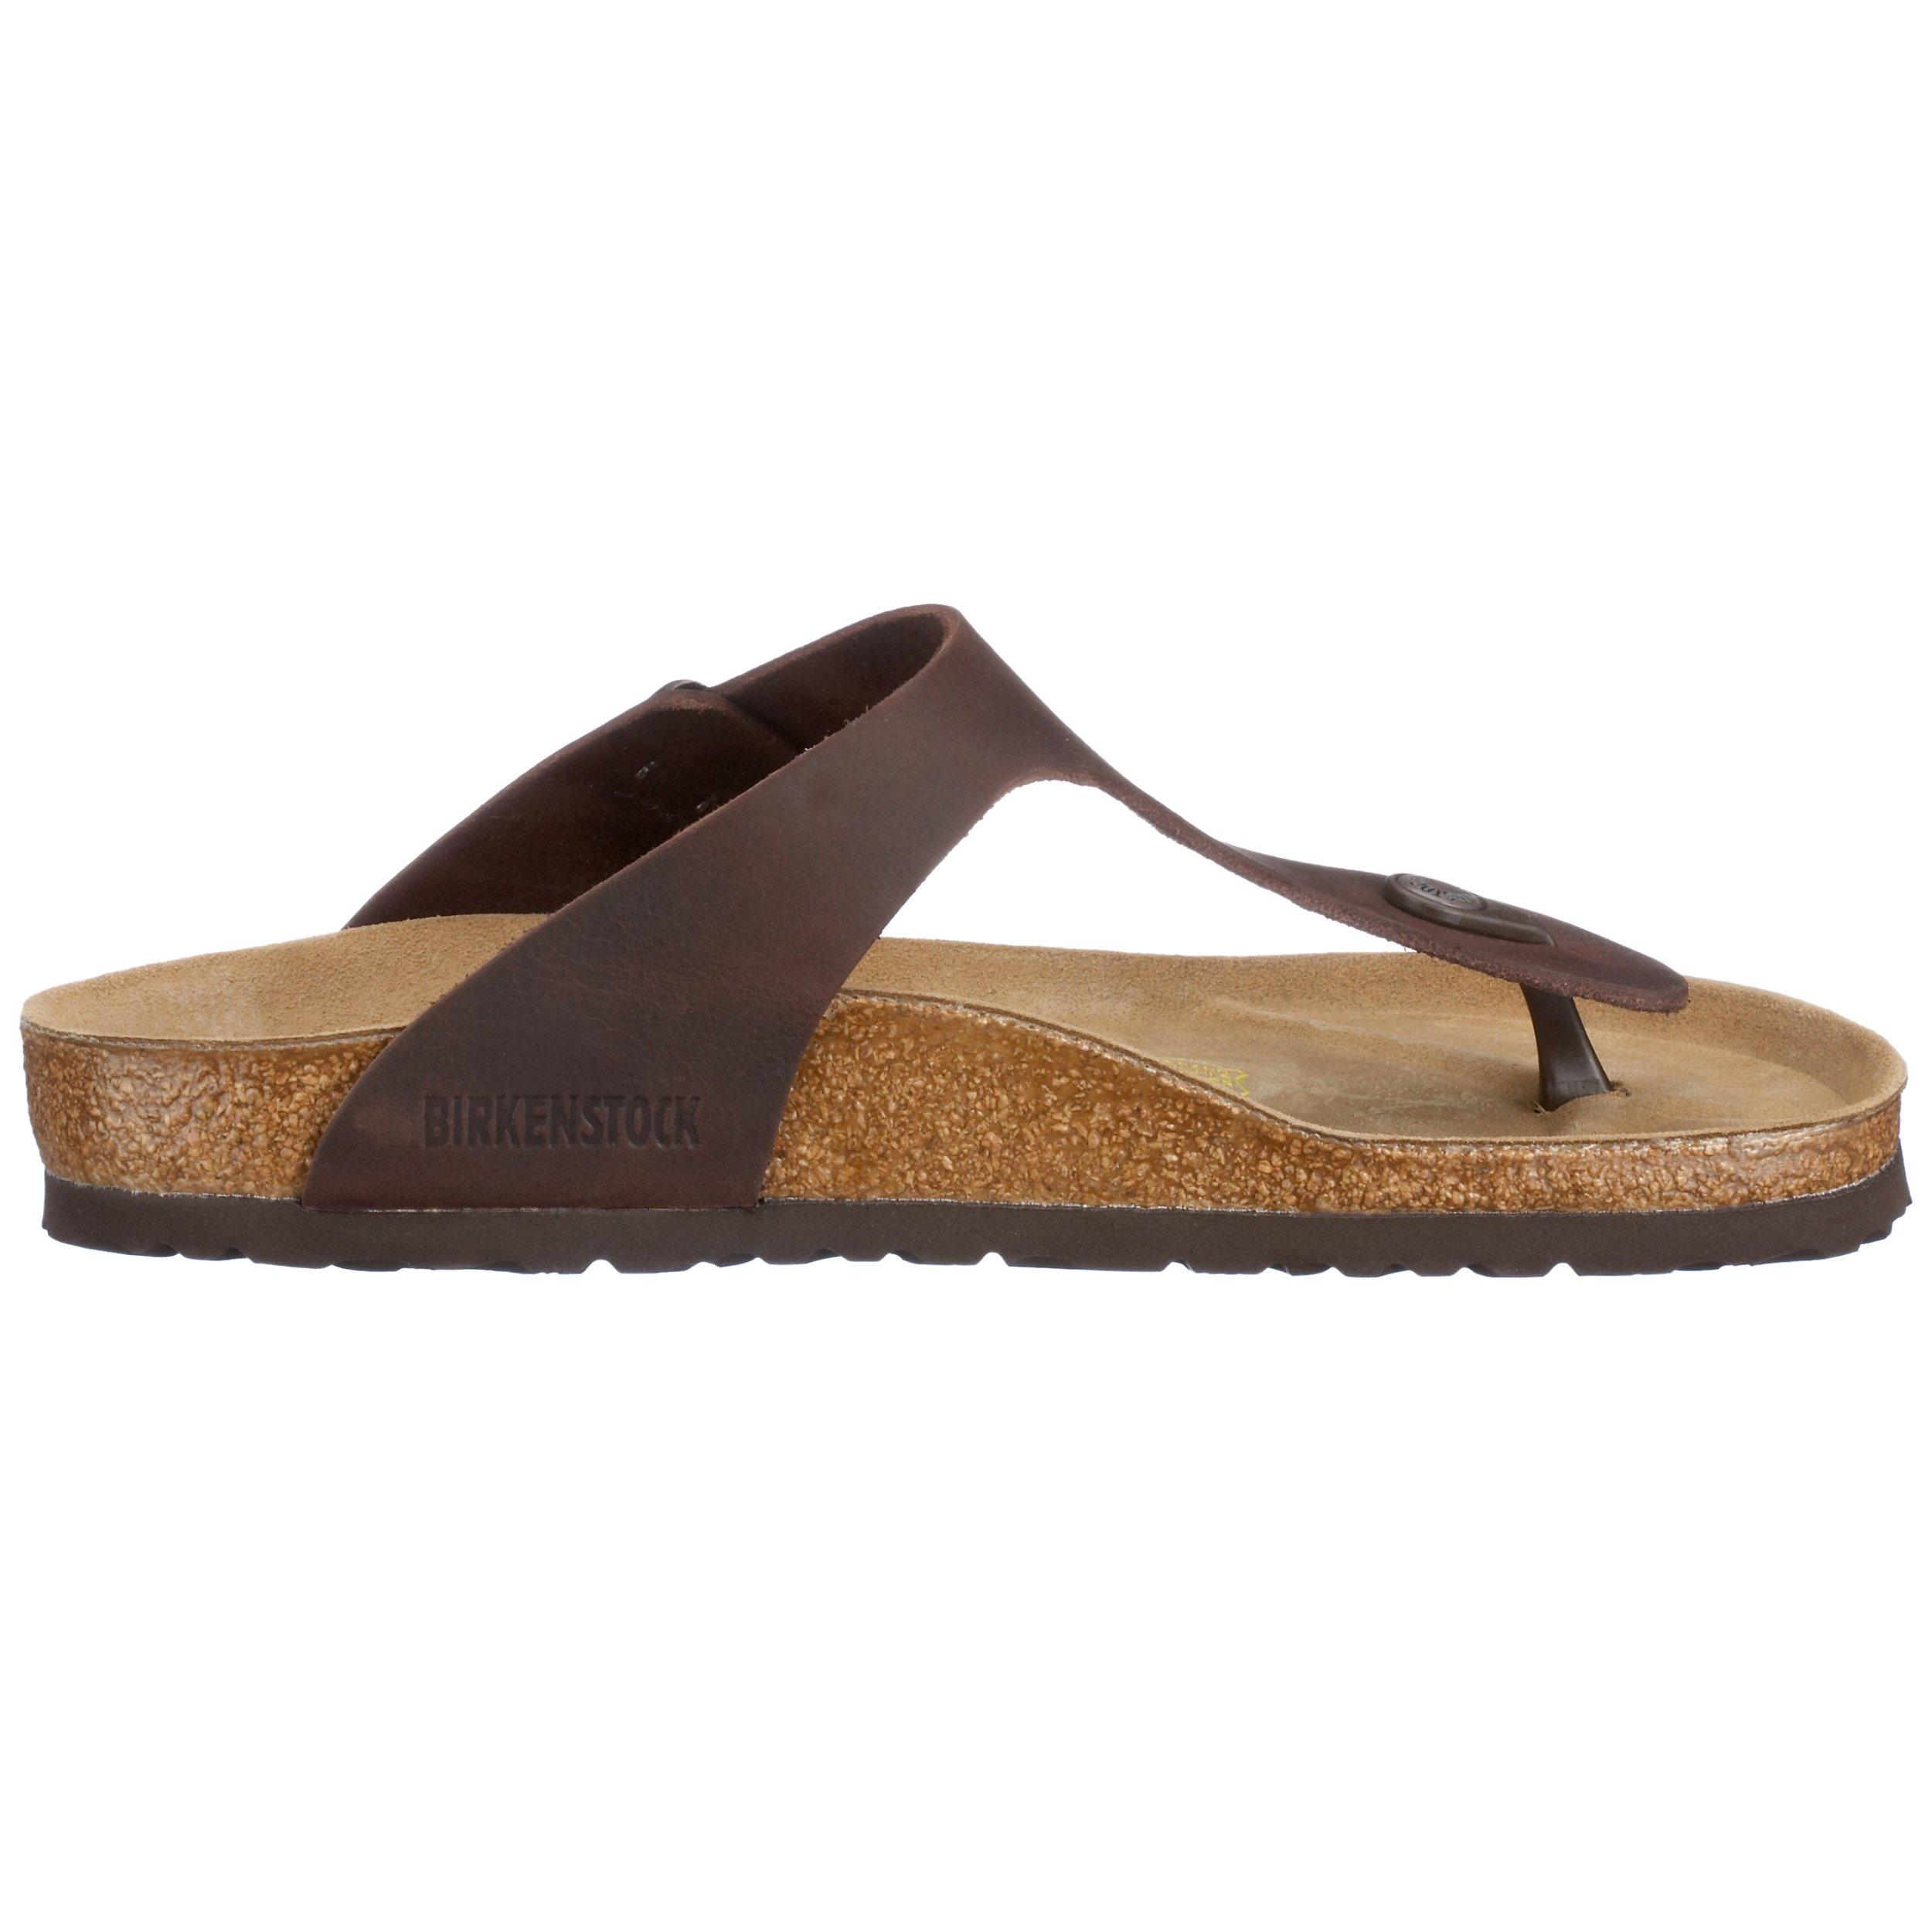 Birkenstock-Women-039-s-Gizeh-Thong-Sandals thumbnail 15